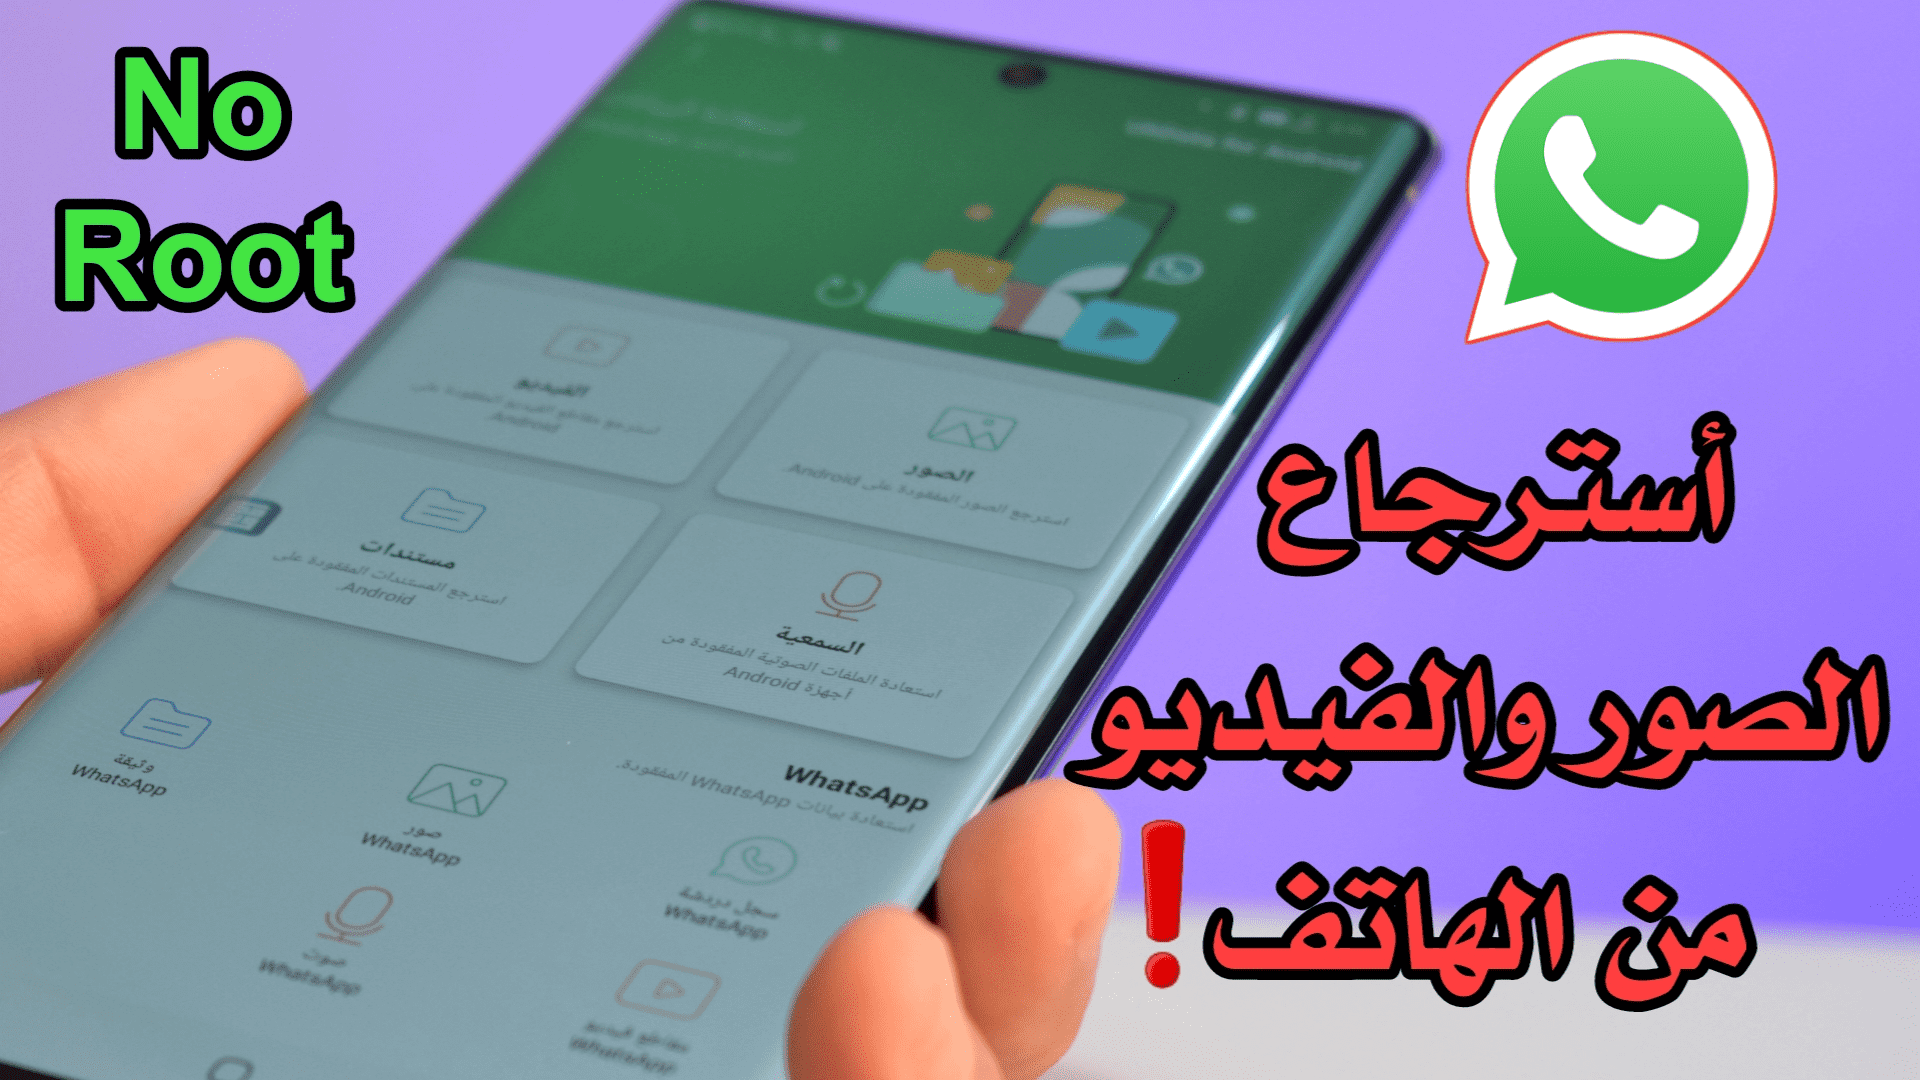 استرجاع الصور والفيديو من الهاتف استعادة بيانات WhatsApp